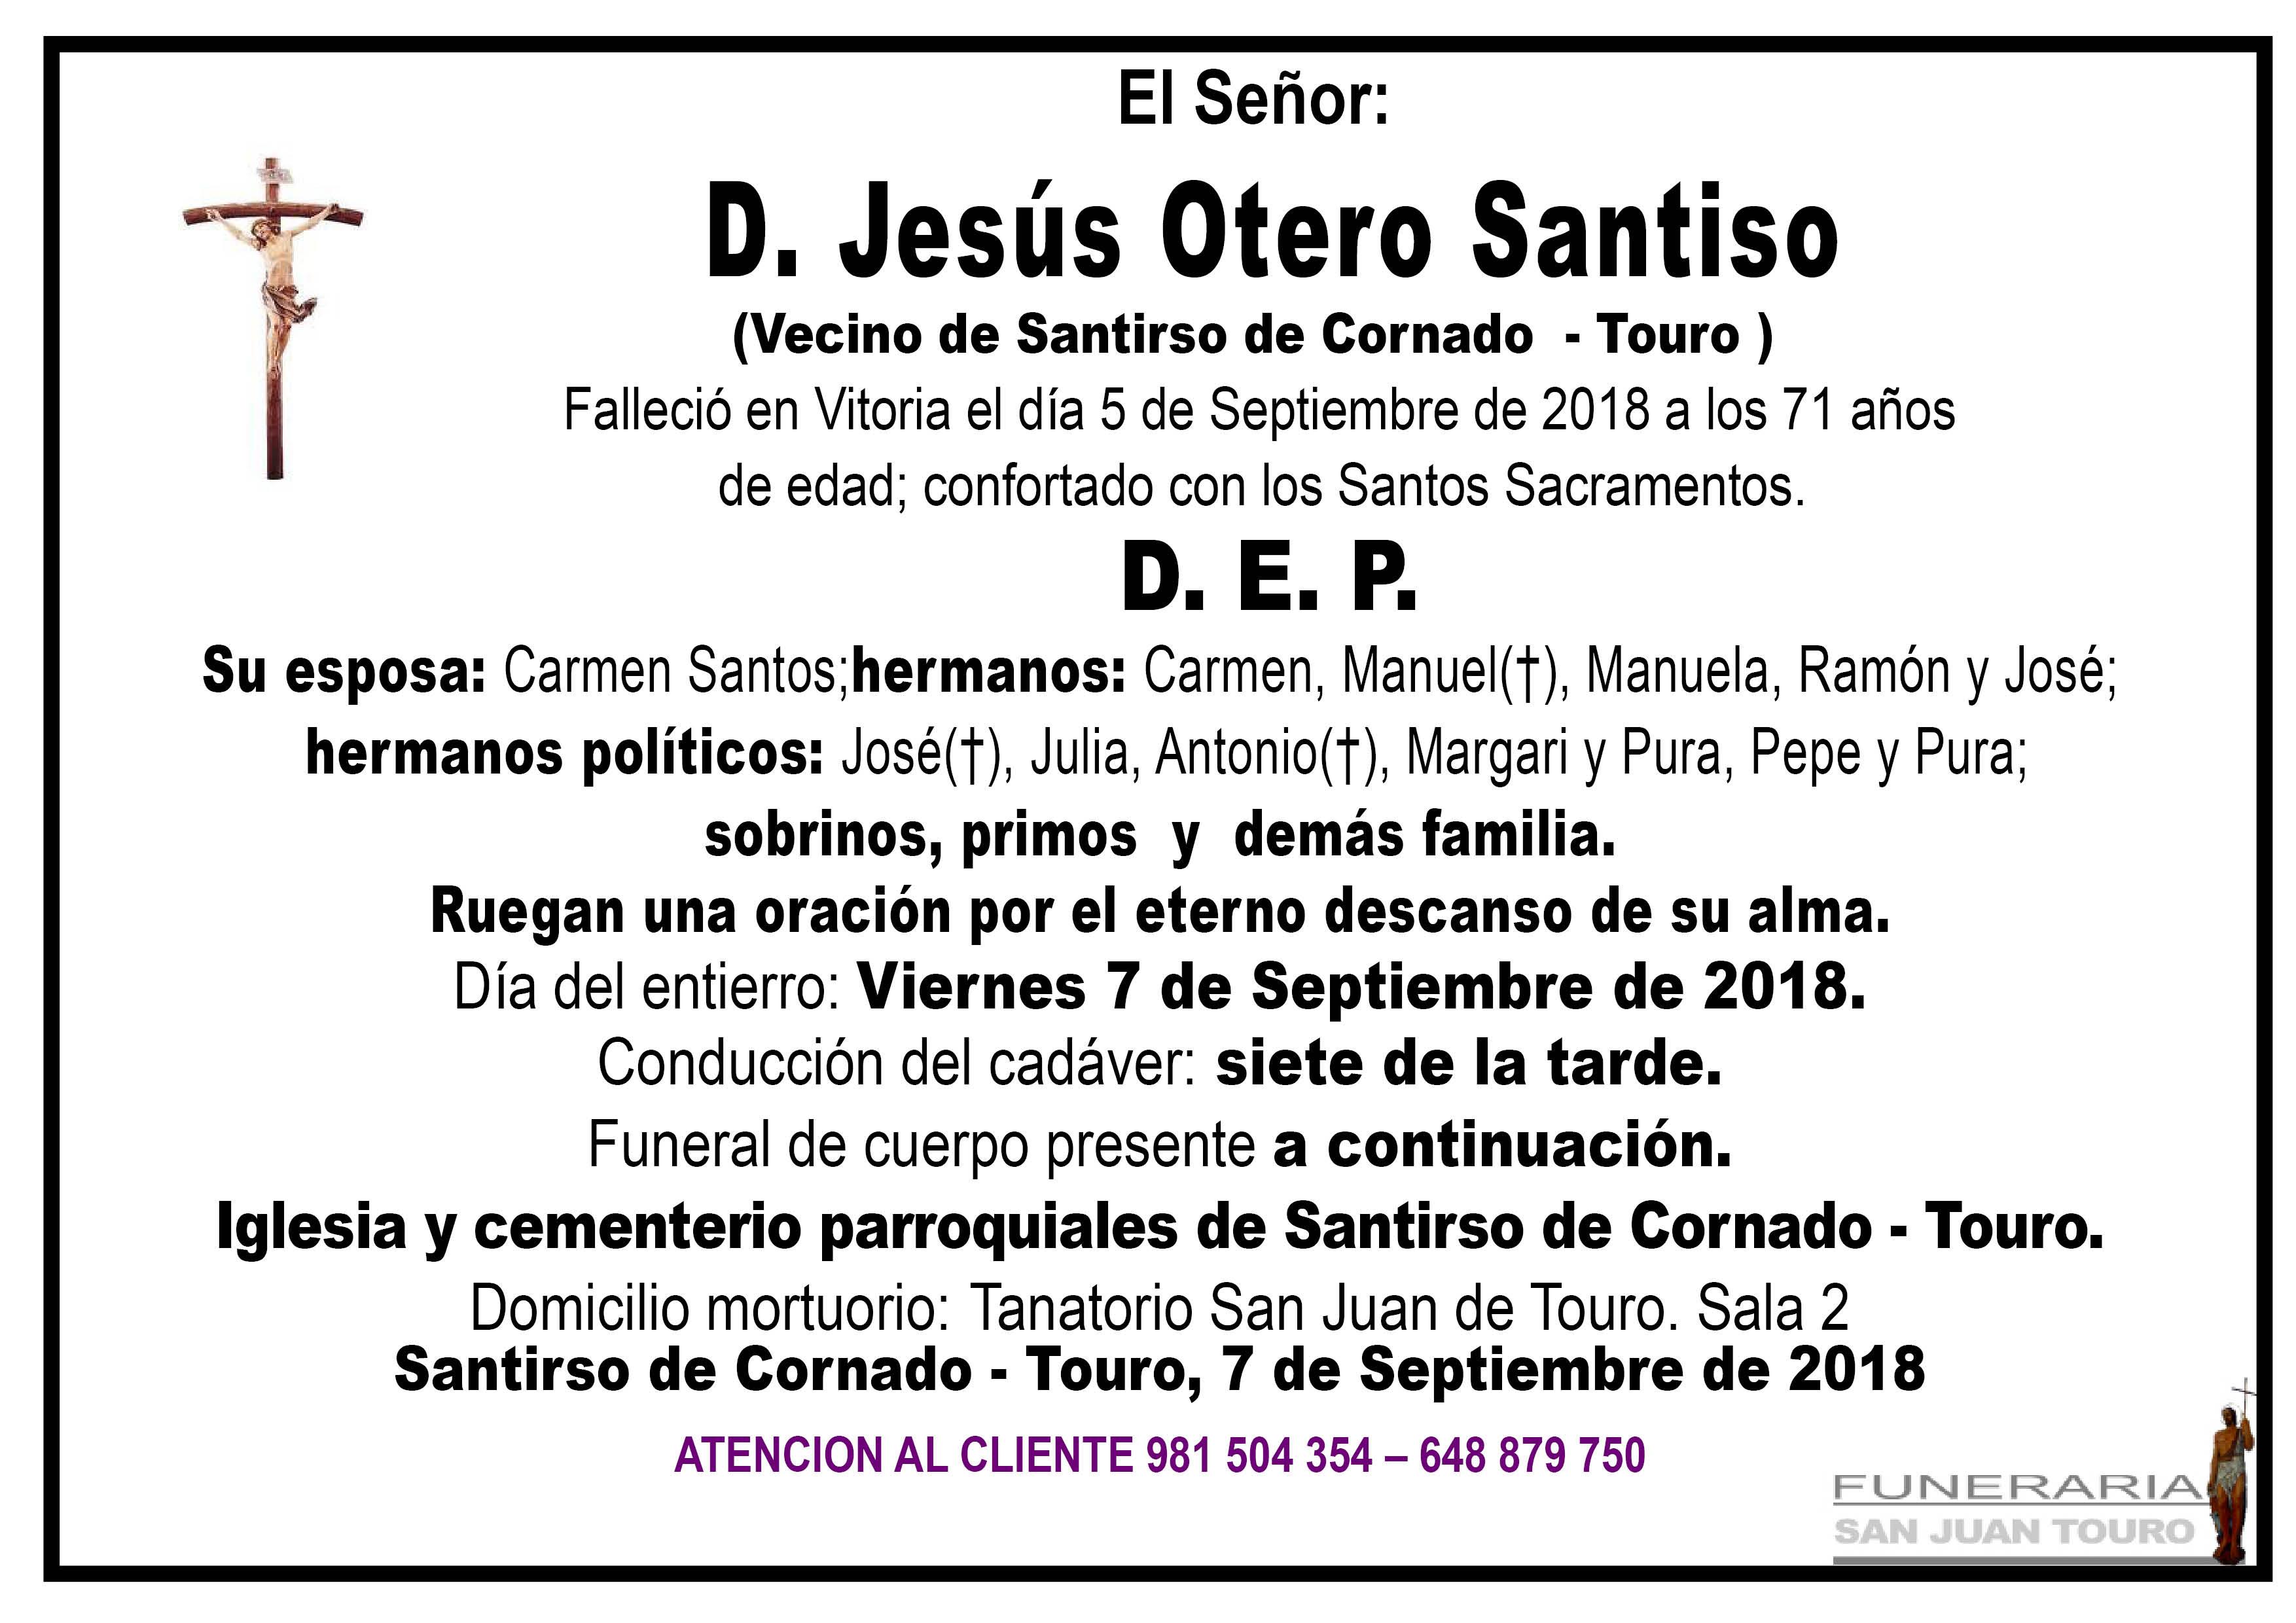 Esquela de SEPELIO DE DON JESÚS OTERO SANTISO